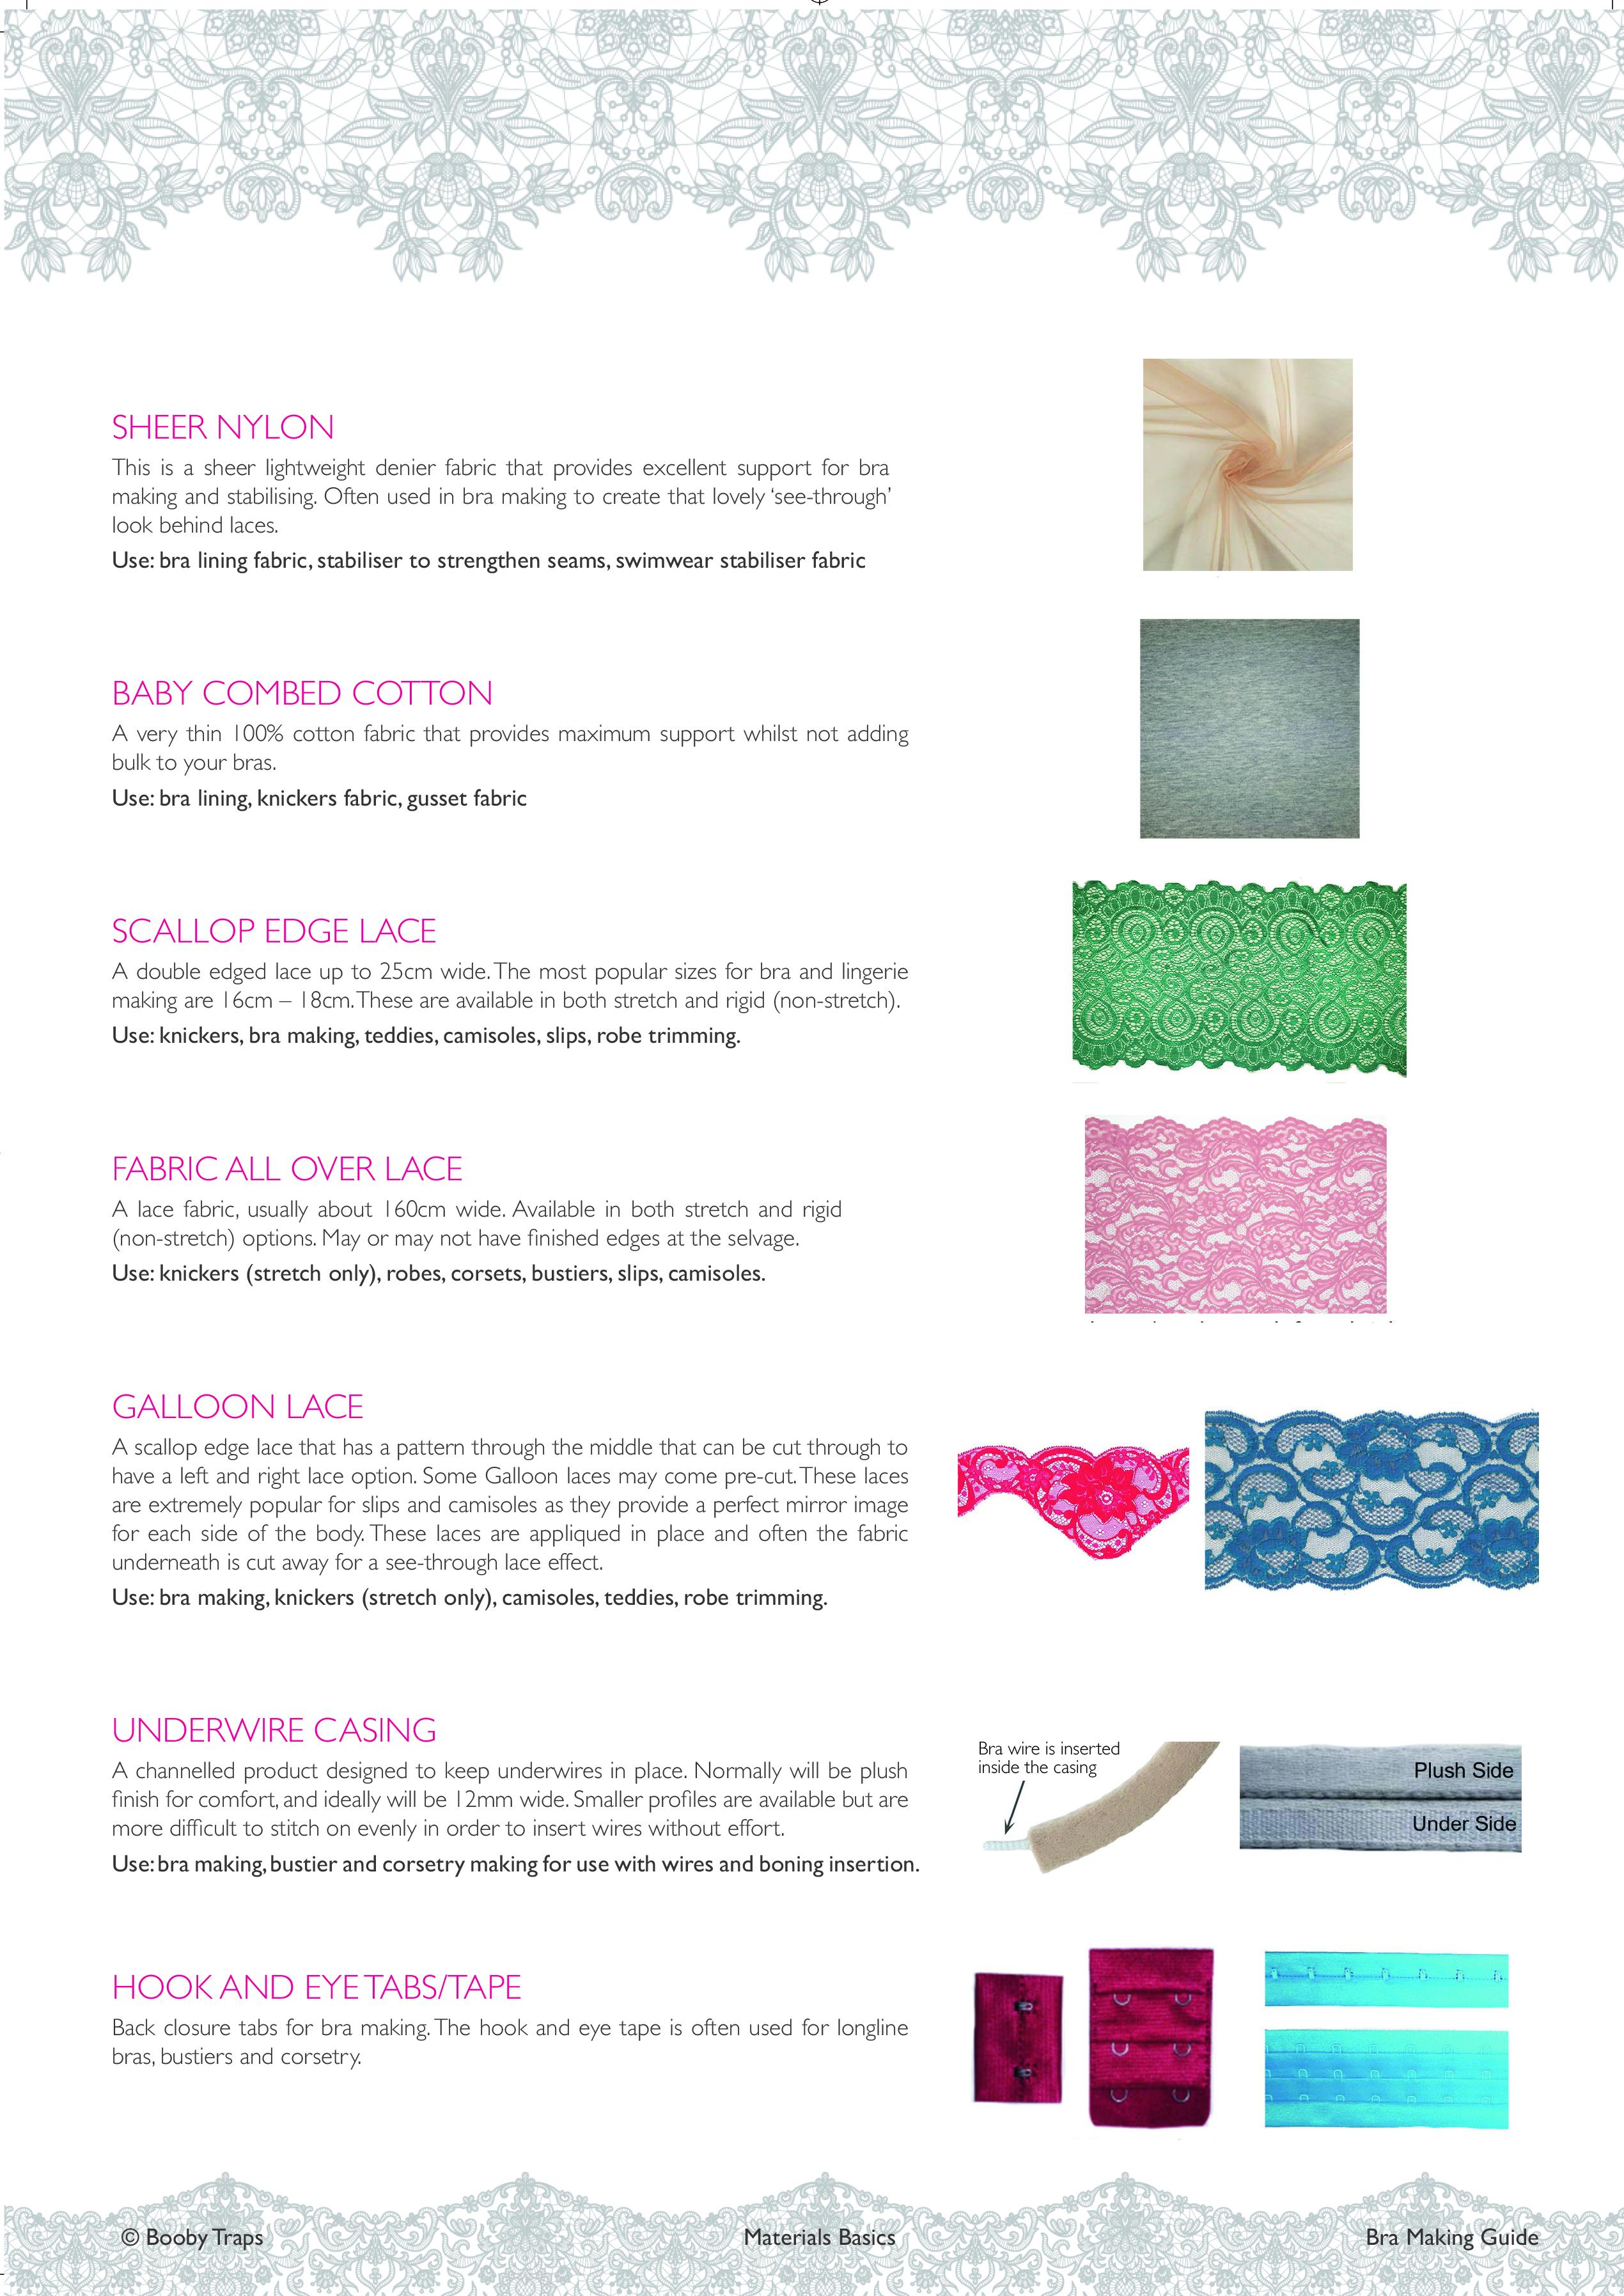 materials-and-elastics-merging-copy-2.jpg